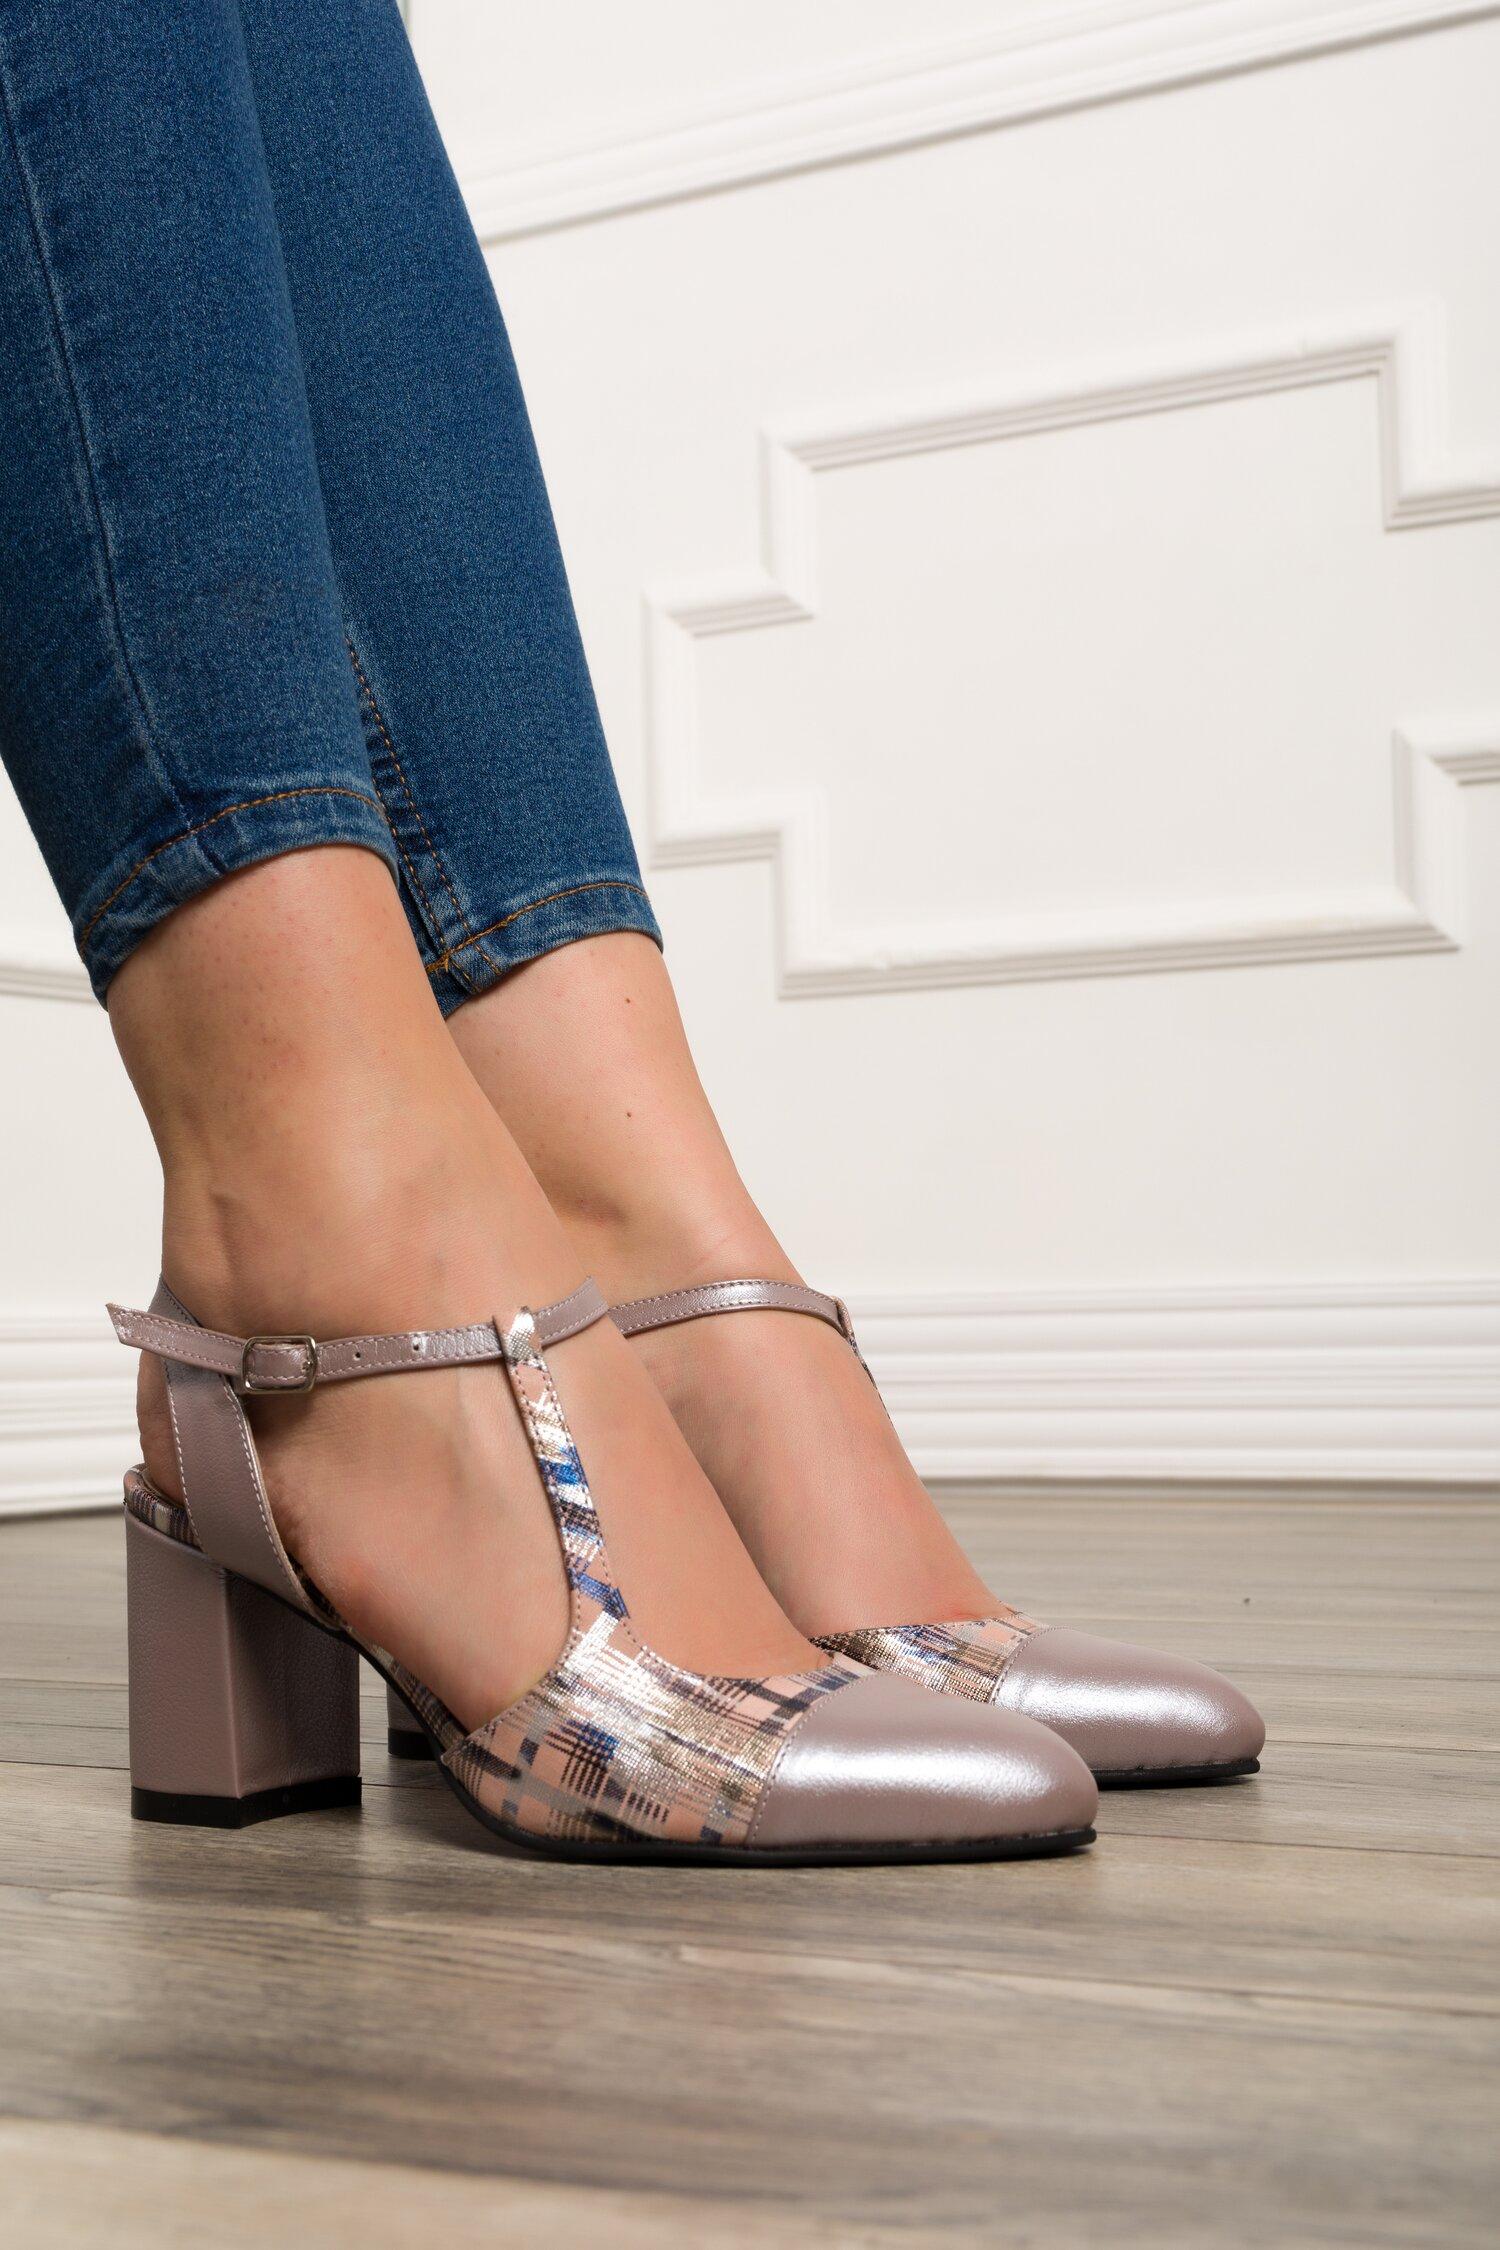 Pantofi taupe cu decupaj la calcai si imprimeu in carouri cu insertii argintii imagine